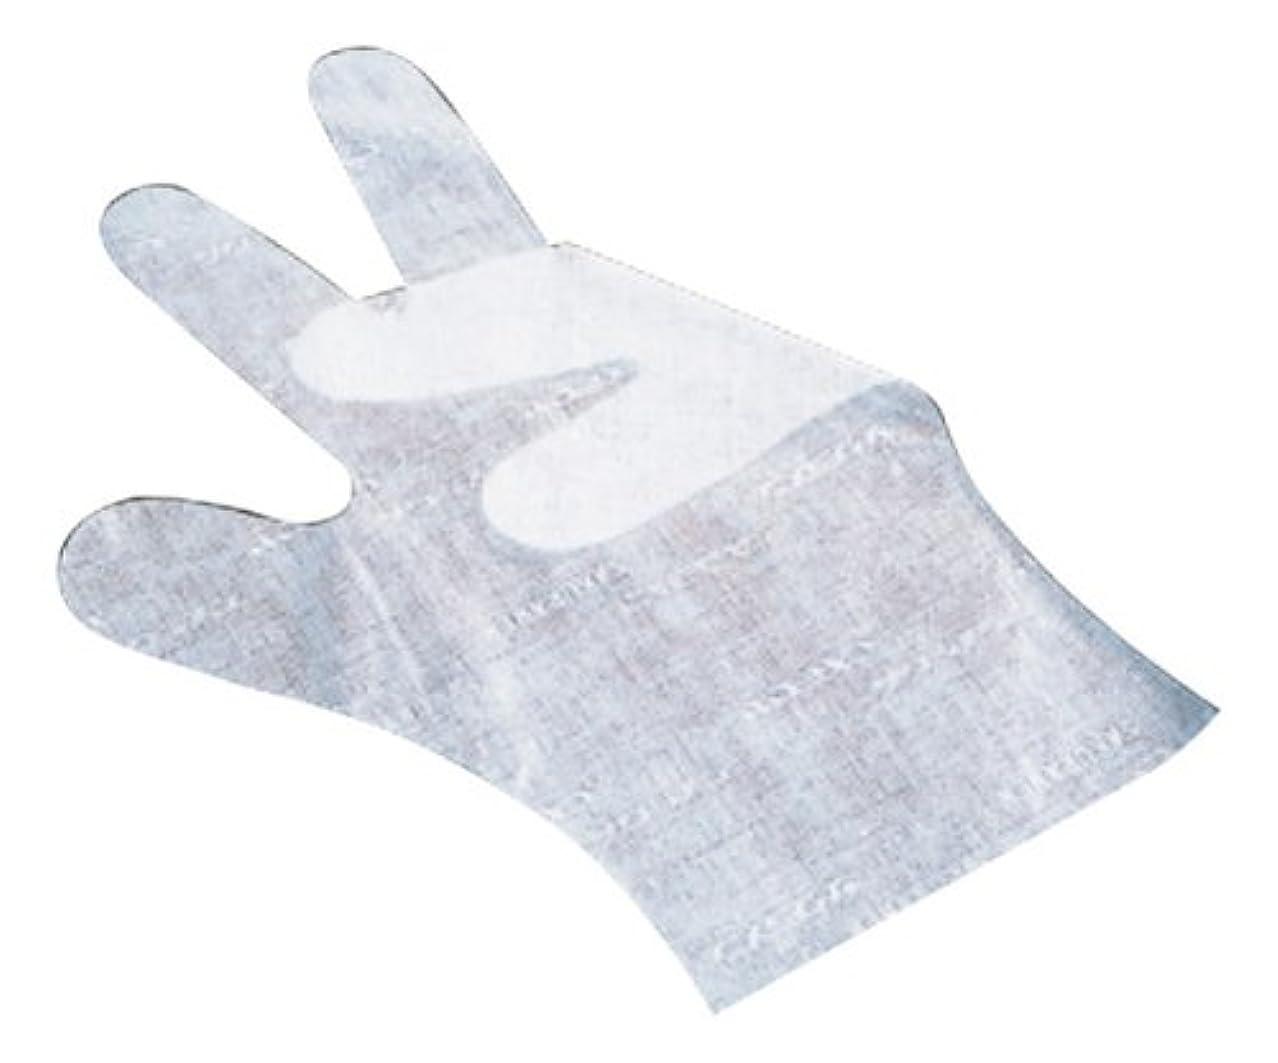 恩恵納税者助けてサクラメン手袋 デラックス(100枚入)S ホワイト 35μ